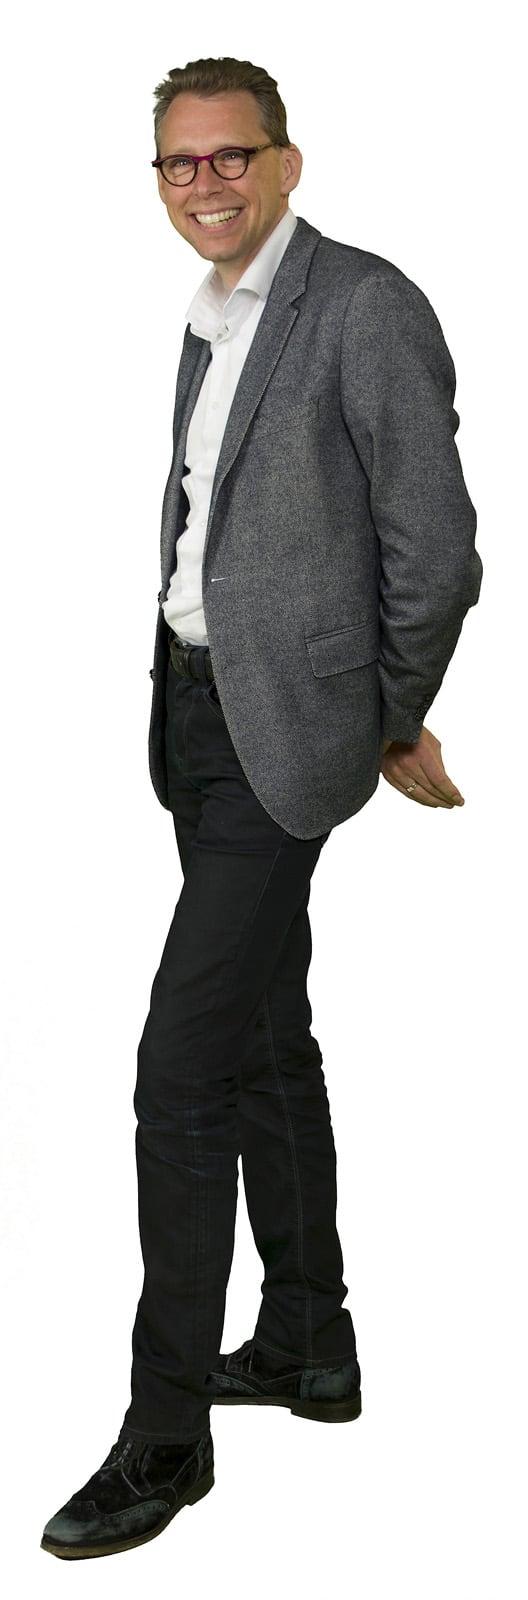 John Bouwman MBA